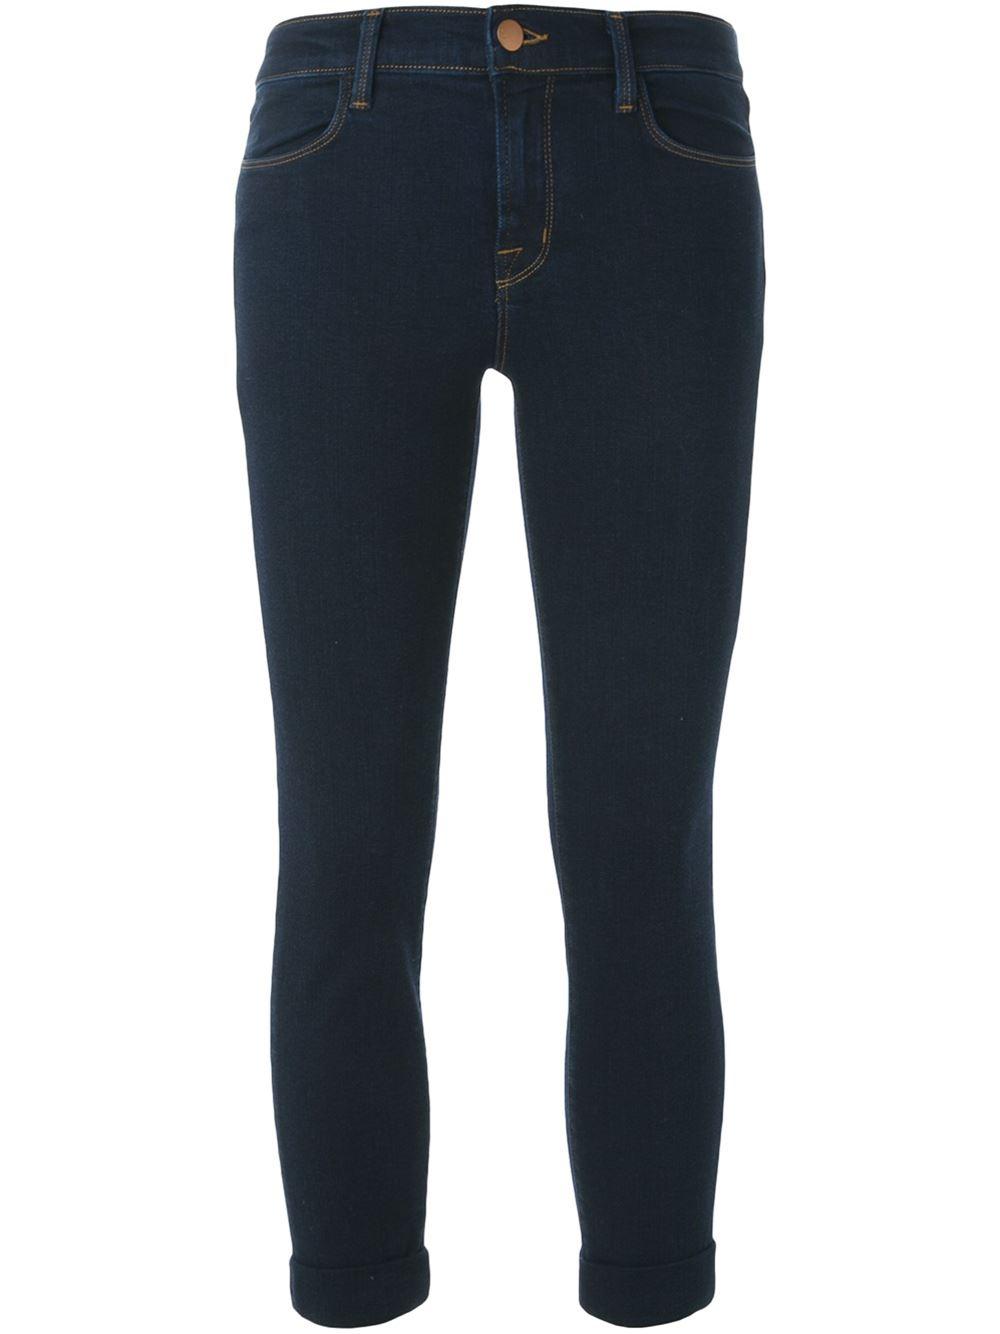 j brand 39 620 39 super skinny jeans in blue lyst. Black Bedroom Furniture Sets. Home Design Ideas